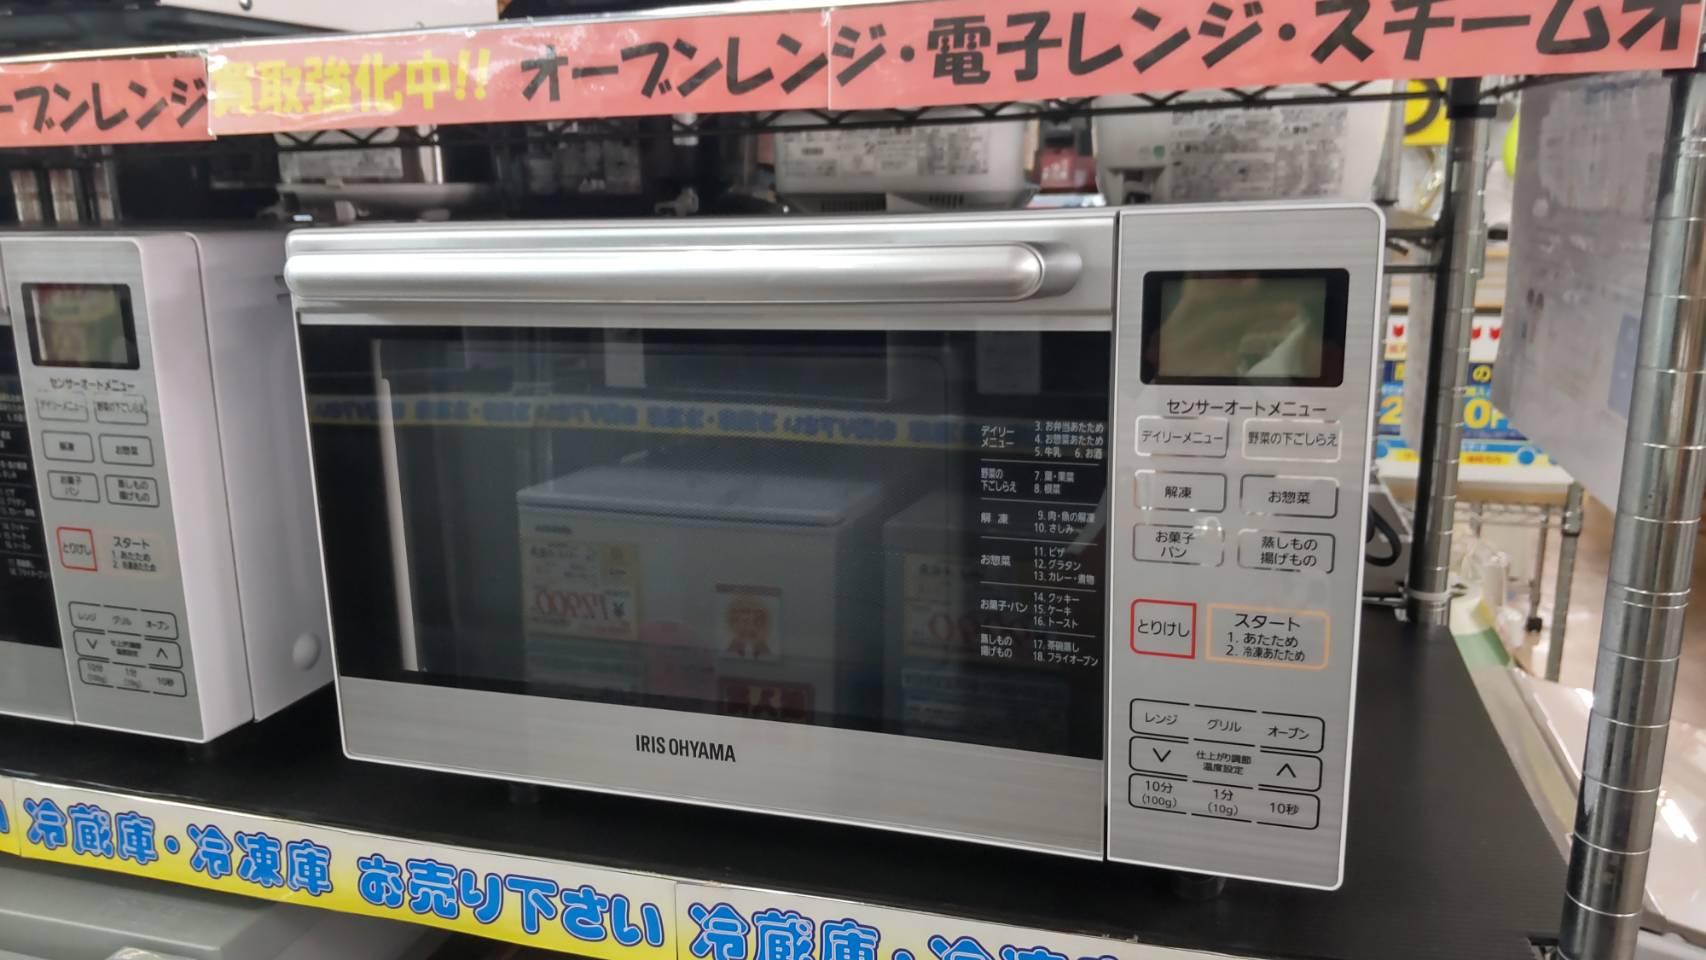 【IRISOHYAMA アイリスオーヤマ オーブンレンジ MO-F1801 900W フラットテーブル 18L】を買取りさせて頂きました!⭐福岡 早良区 リサイクルショップ ⭐リサイクルマート原店😆の買取-